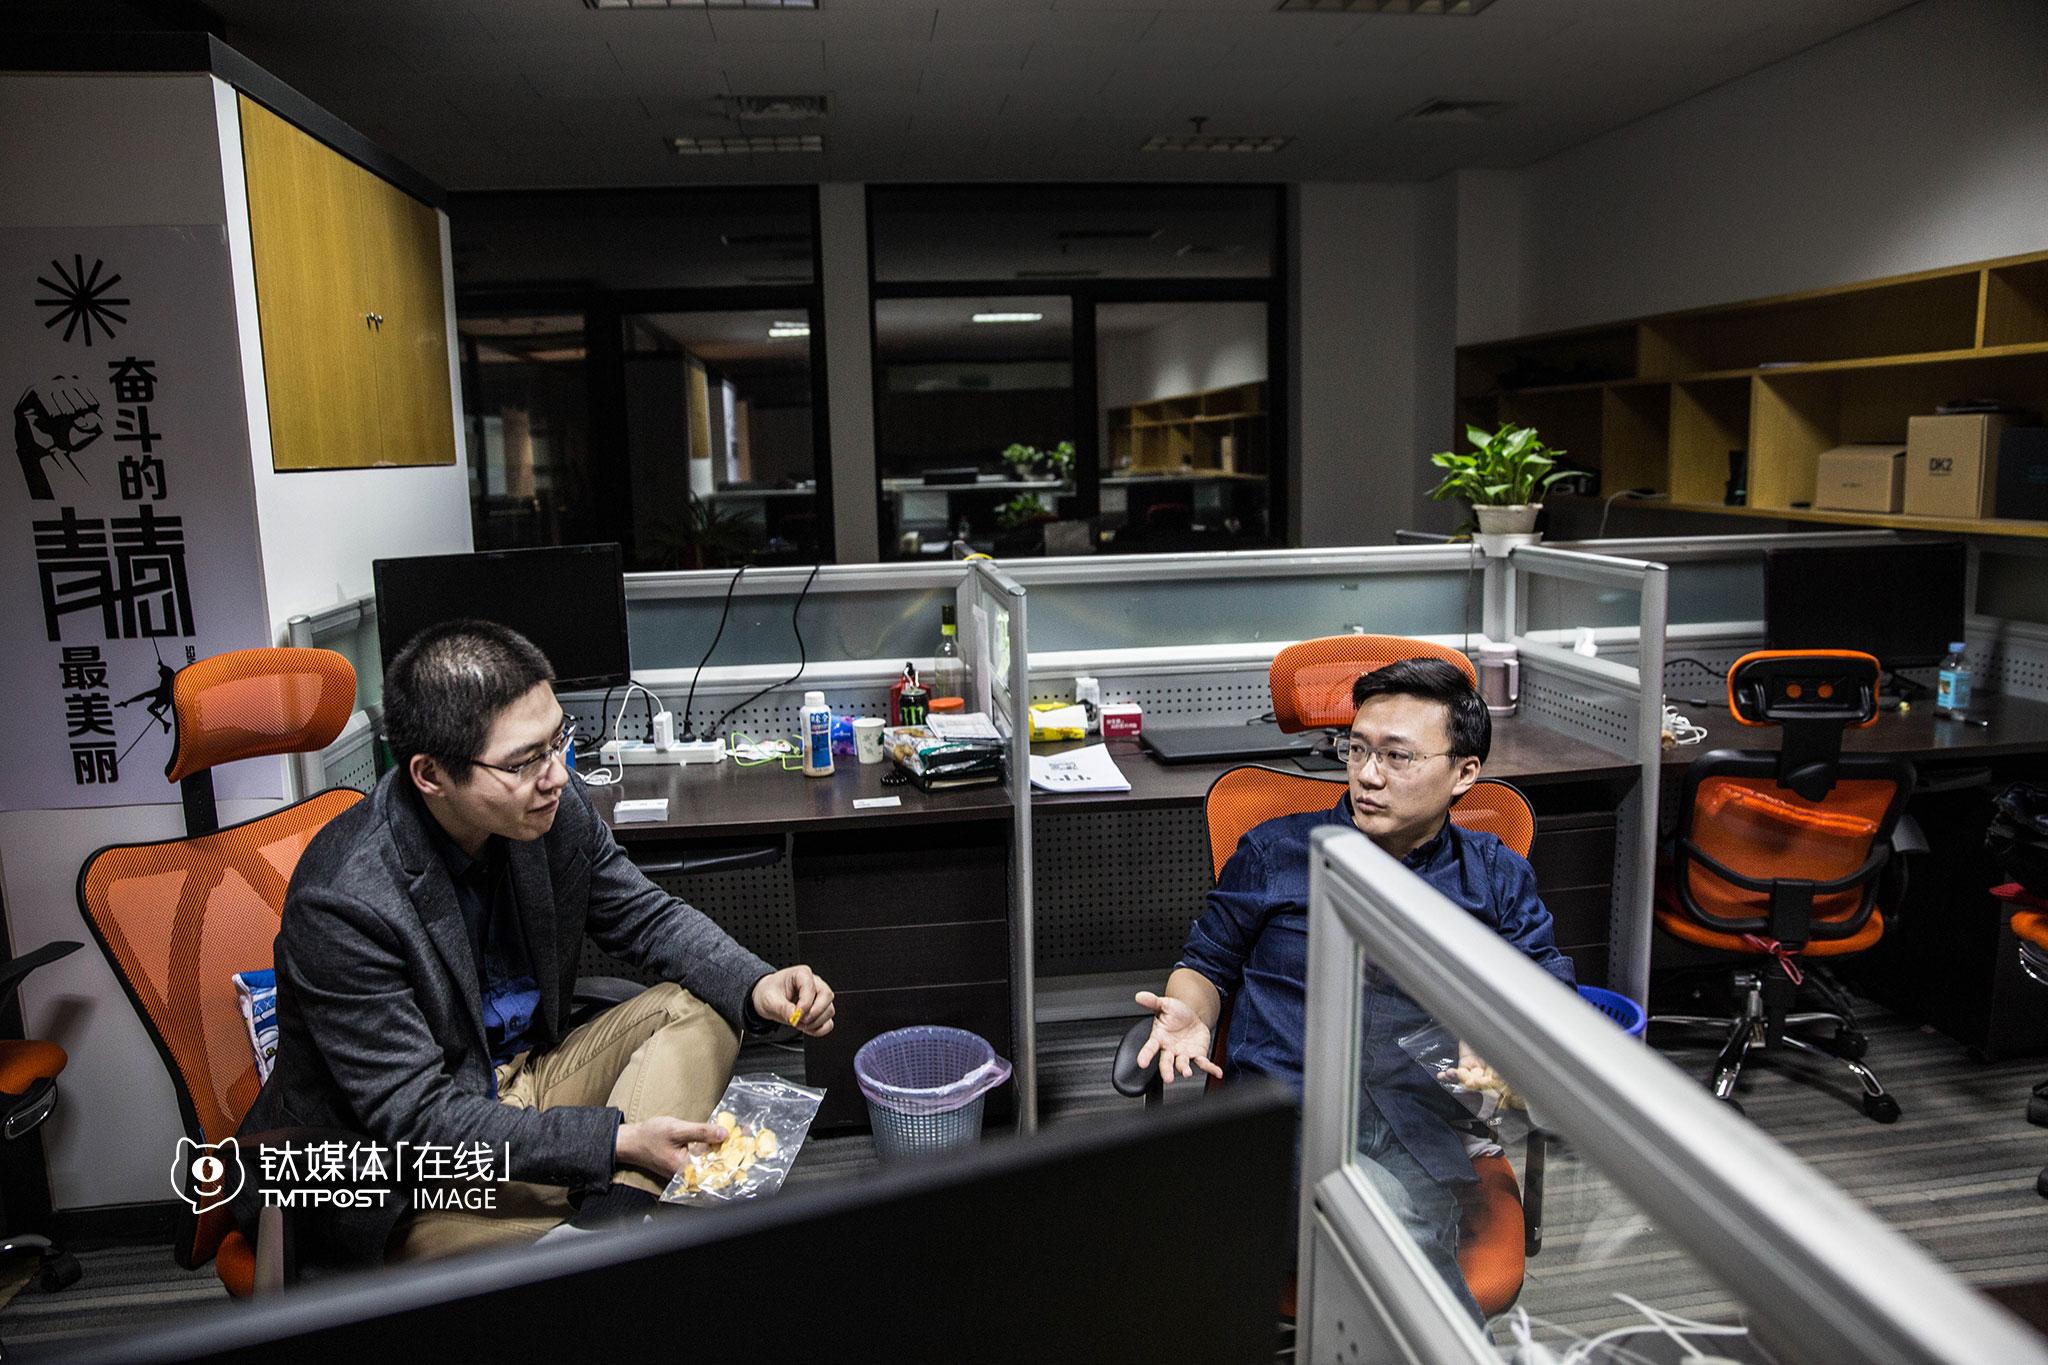 离开办公室前,吴祥东和钟杰讨论了一些招聘的问题。